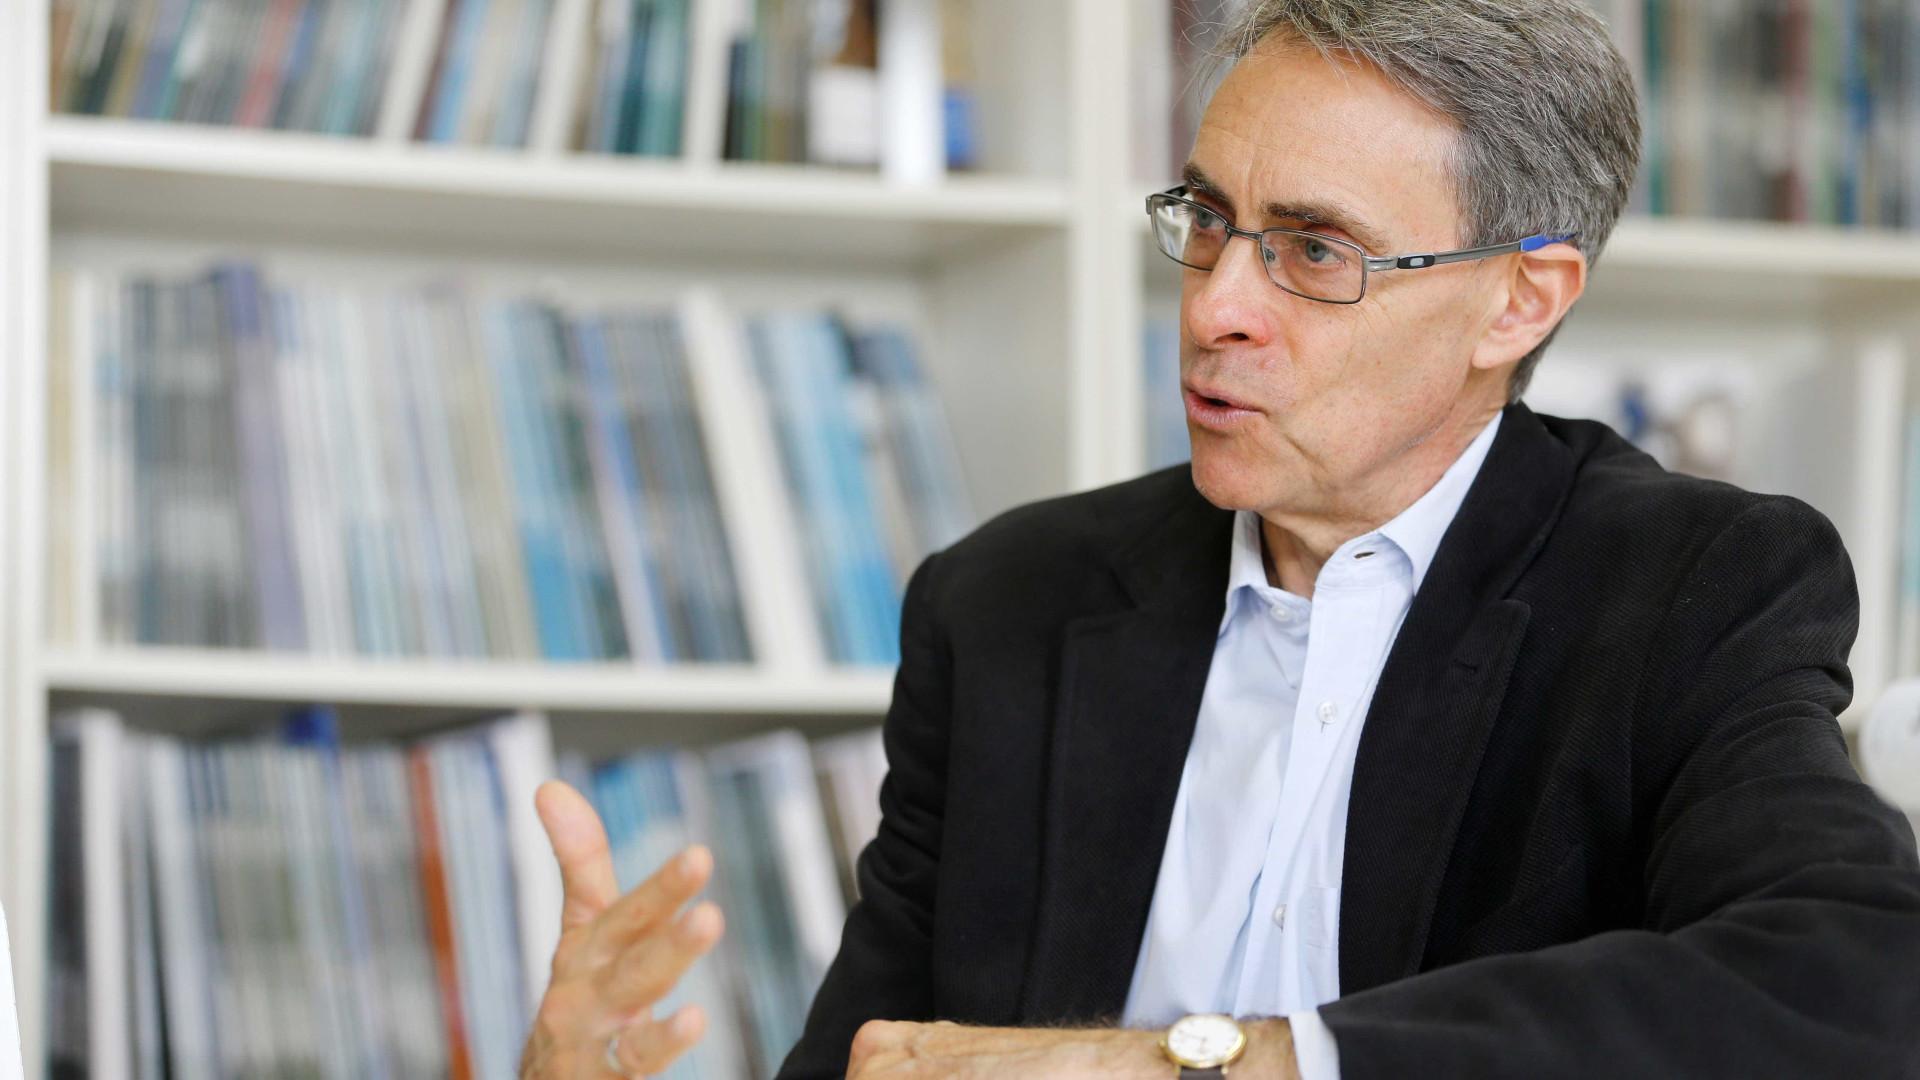 ONG de direitos humanos vem ao Brasil pressionar governo Bolsonaro